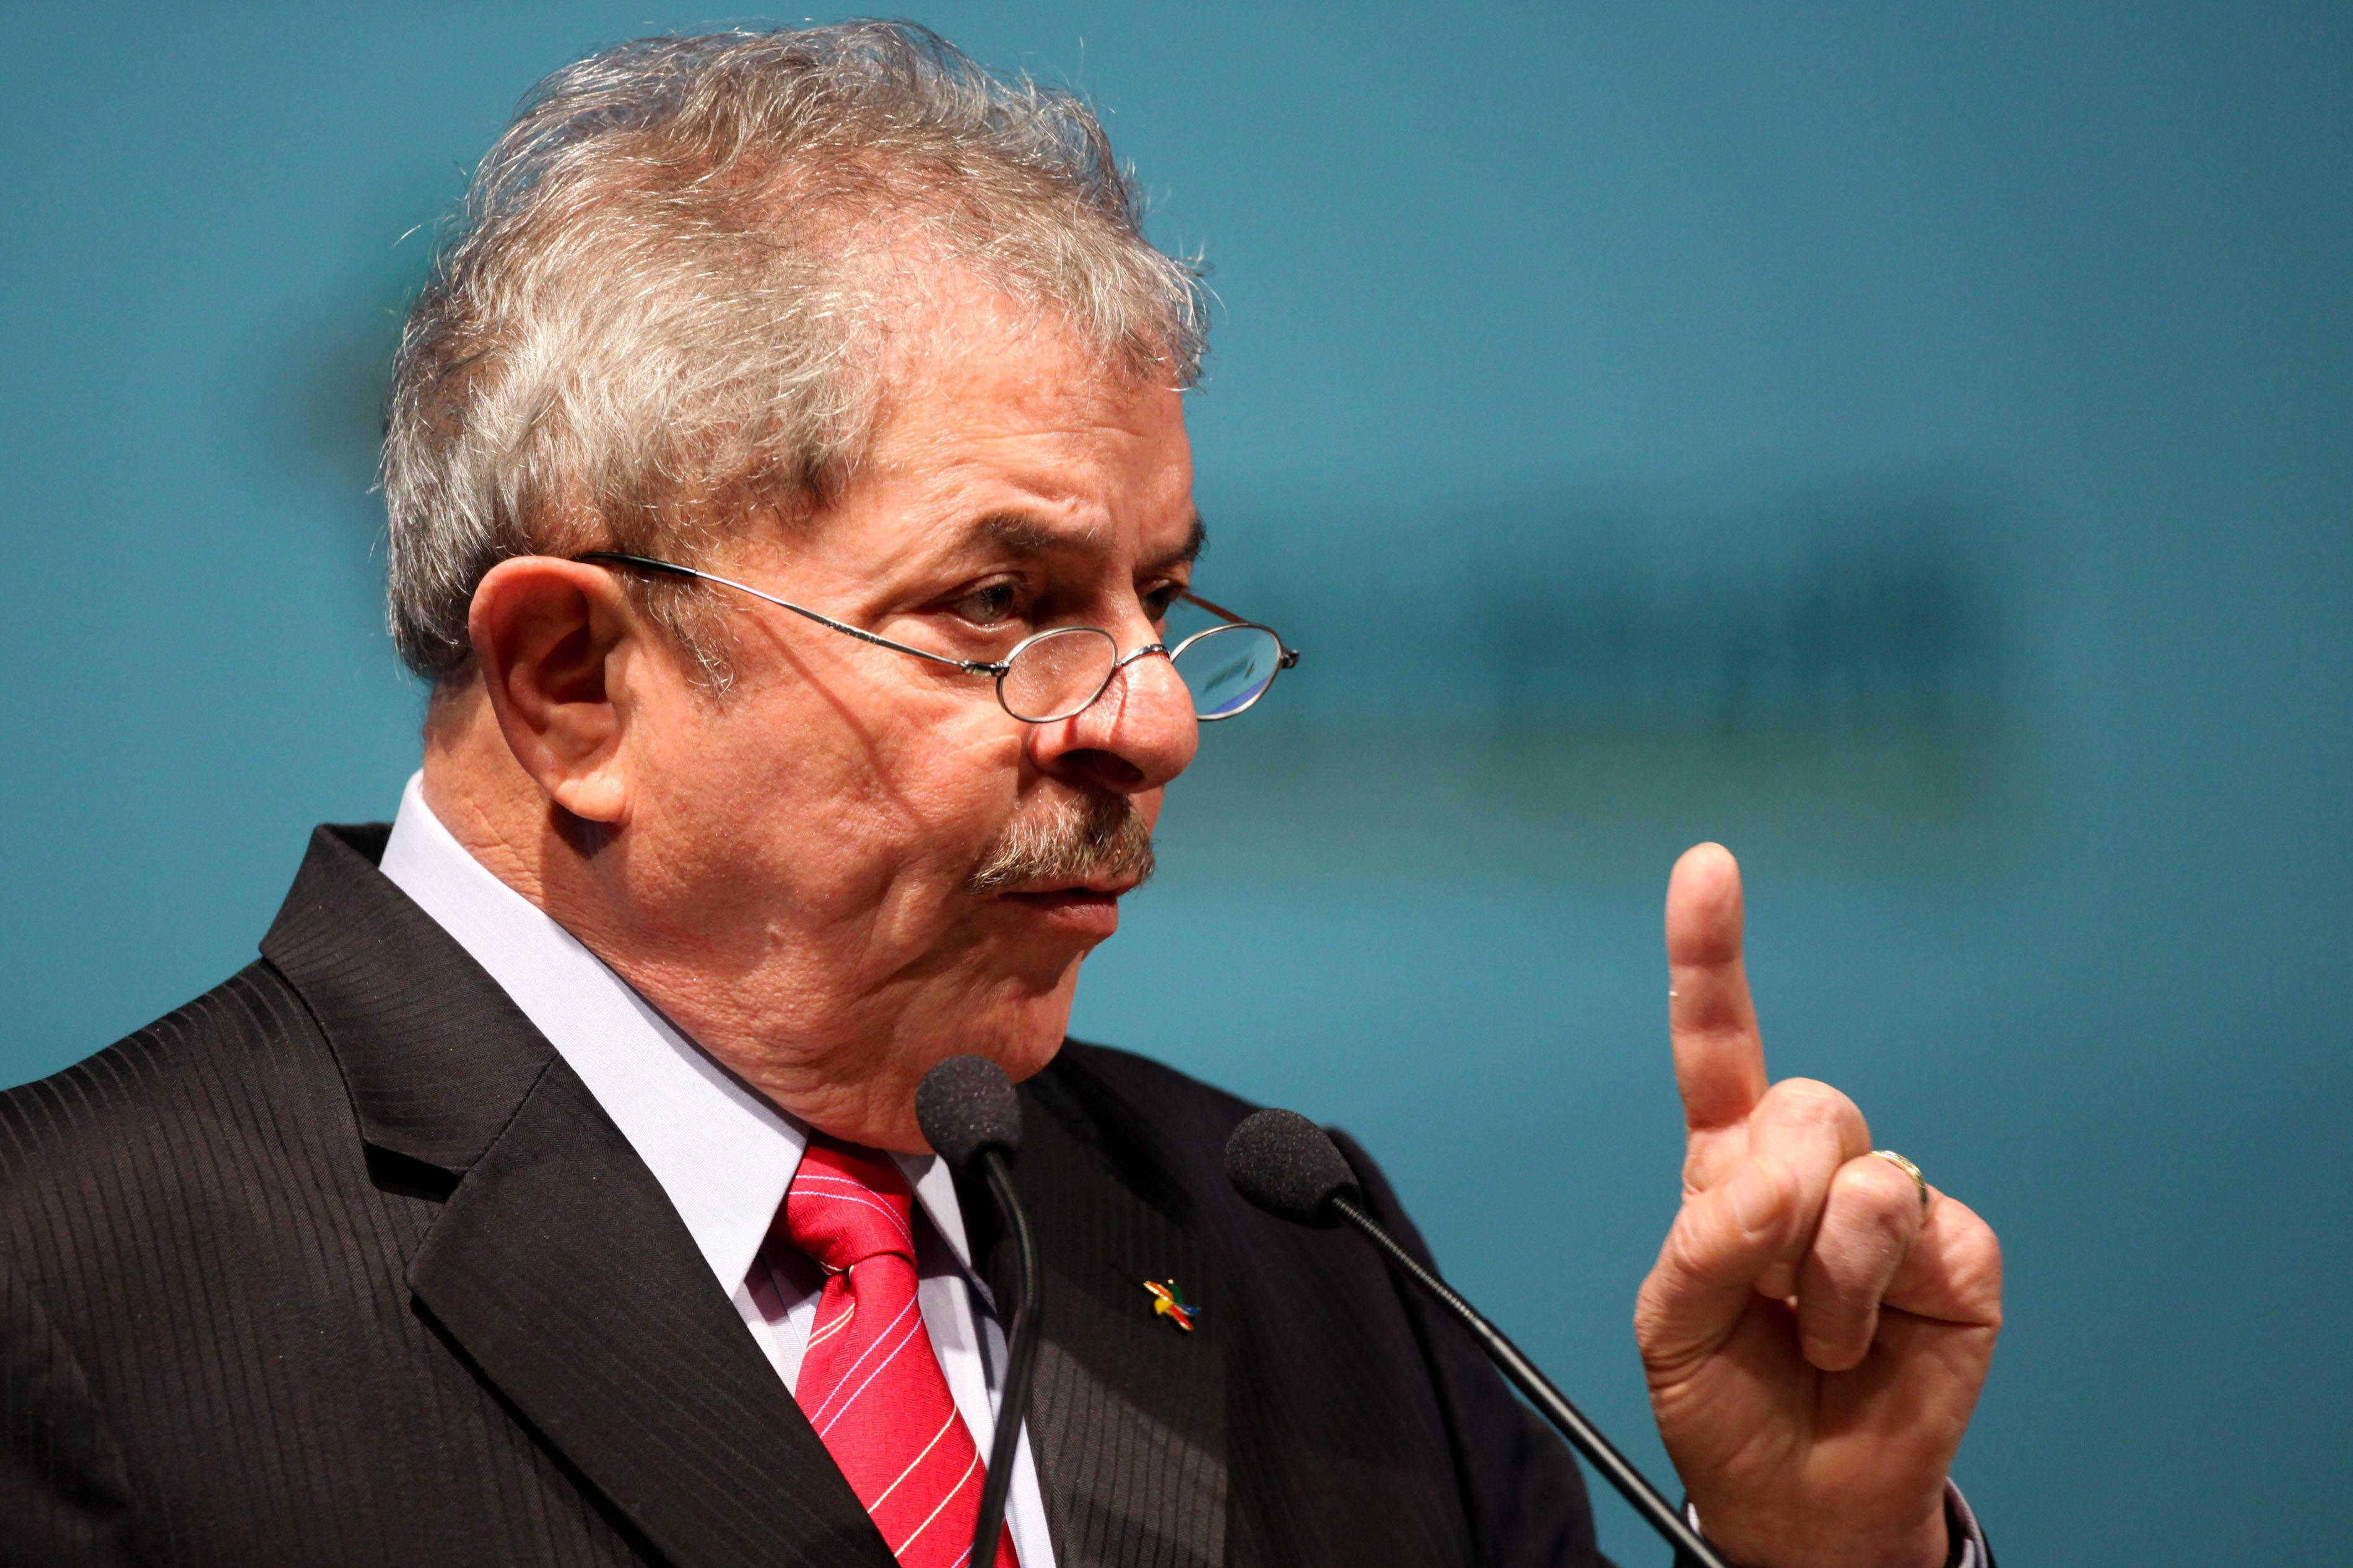 Lula subraya que la integración regional debe profundizarse y abarcar más